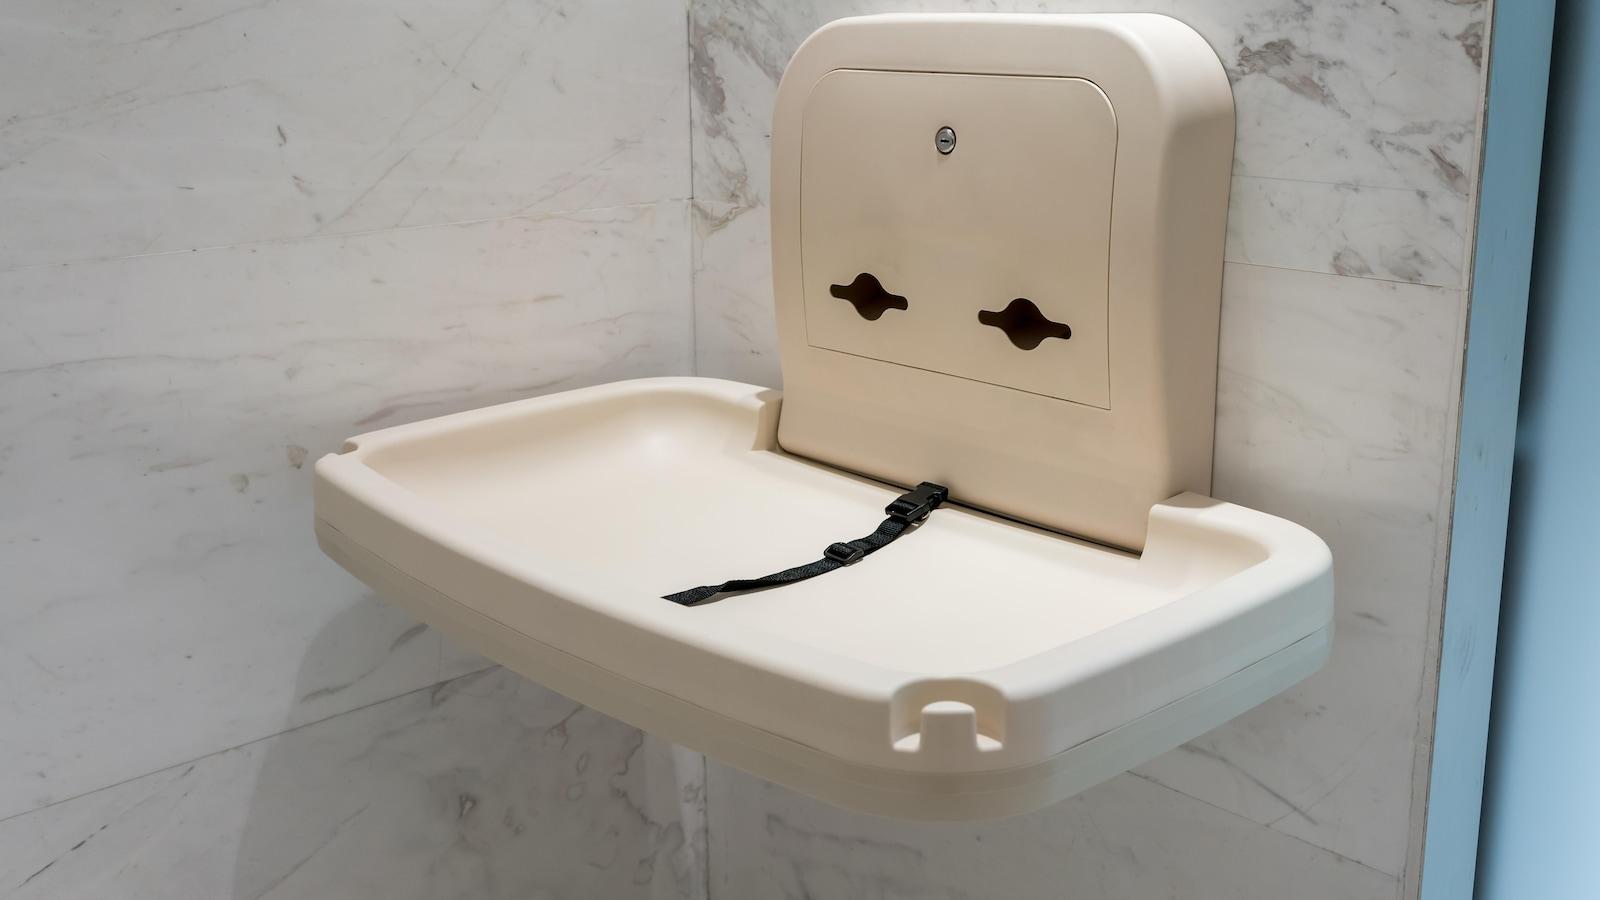 Une table à langer dans une toilette publique